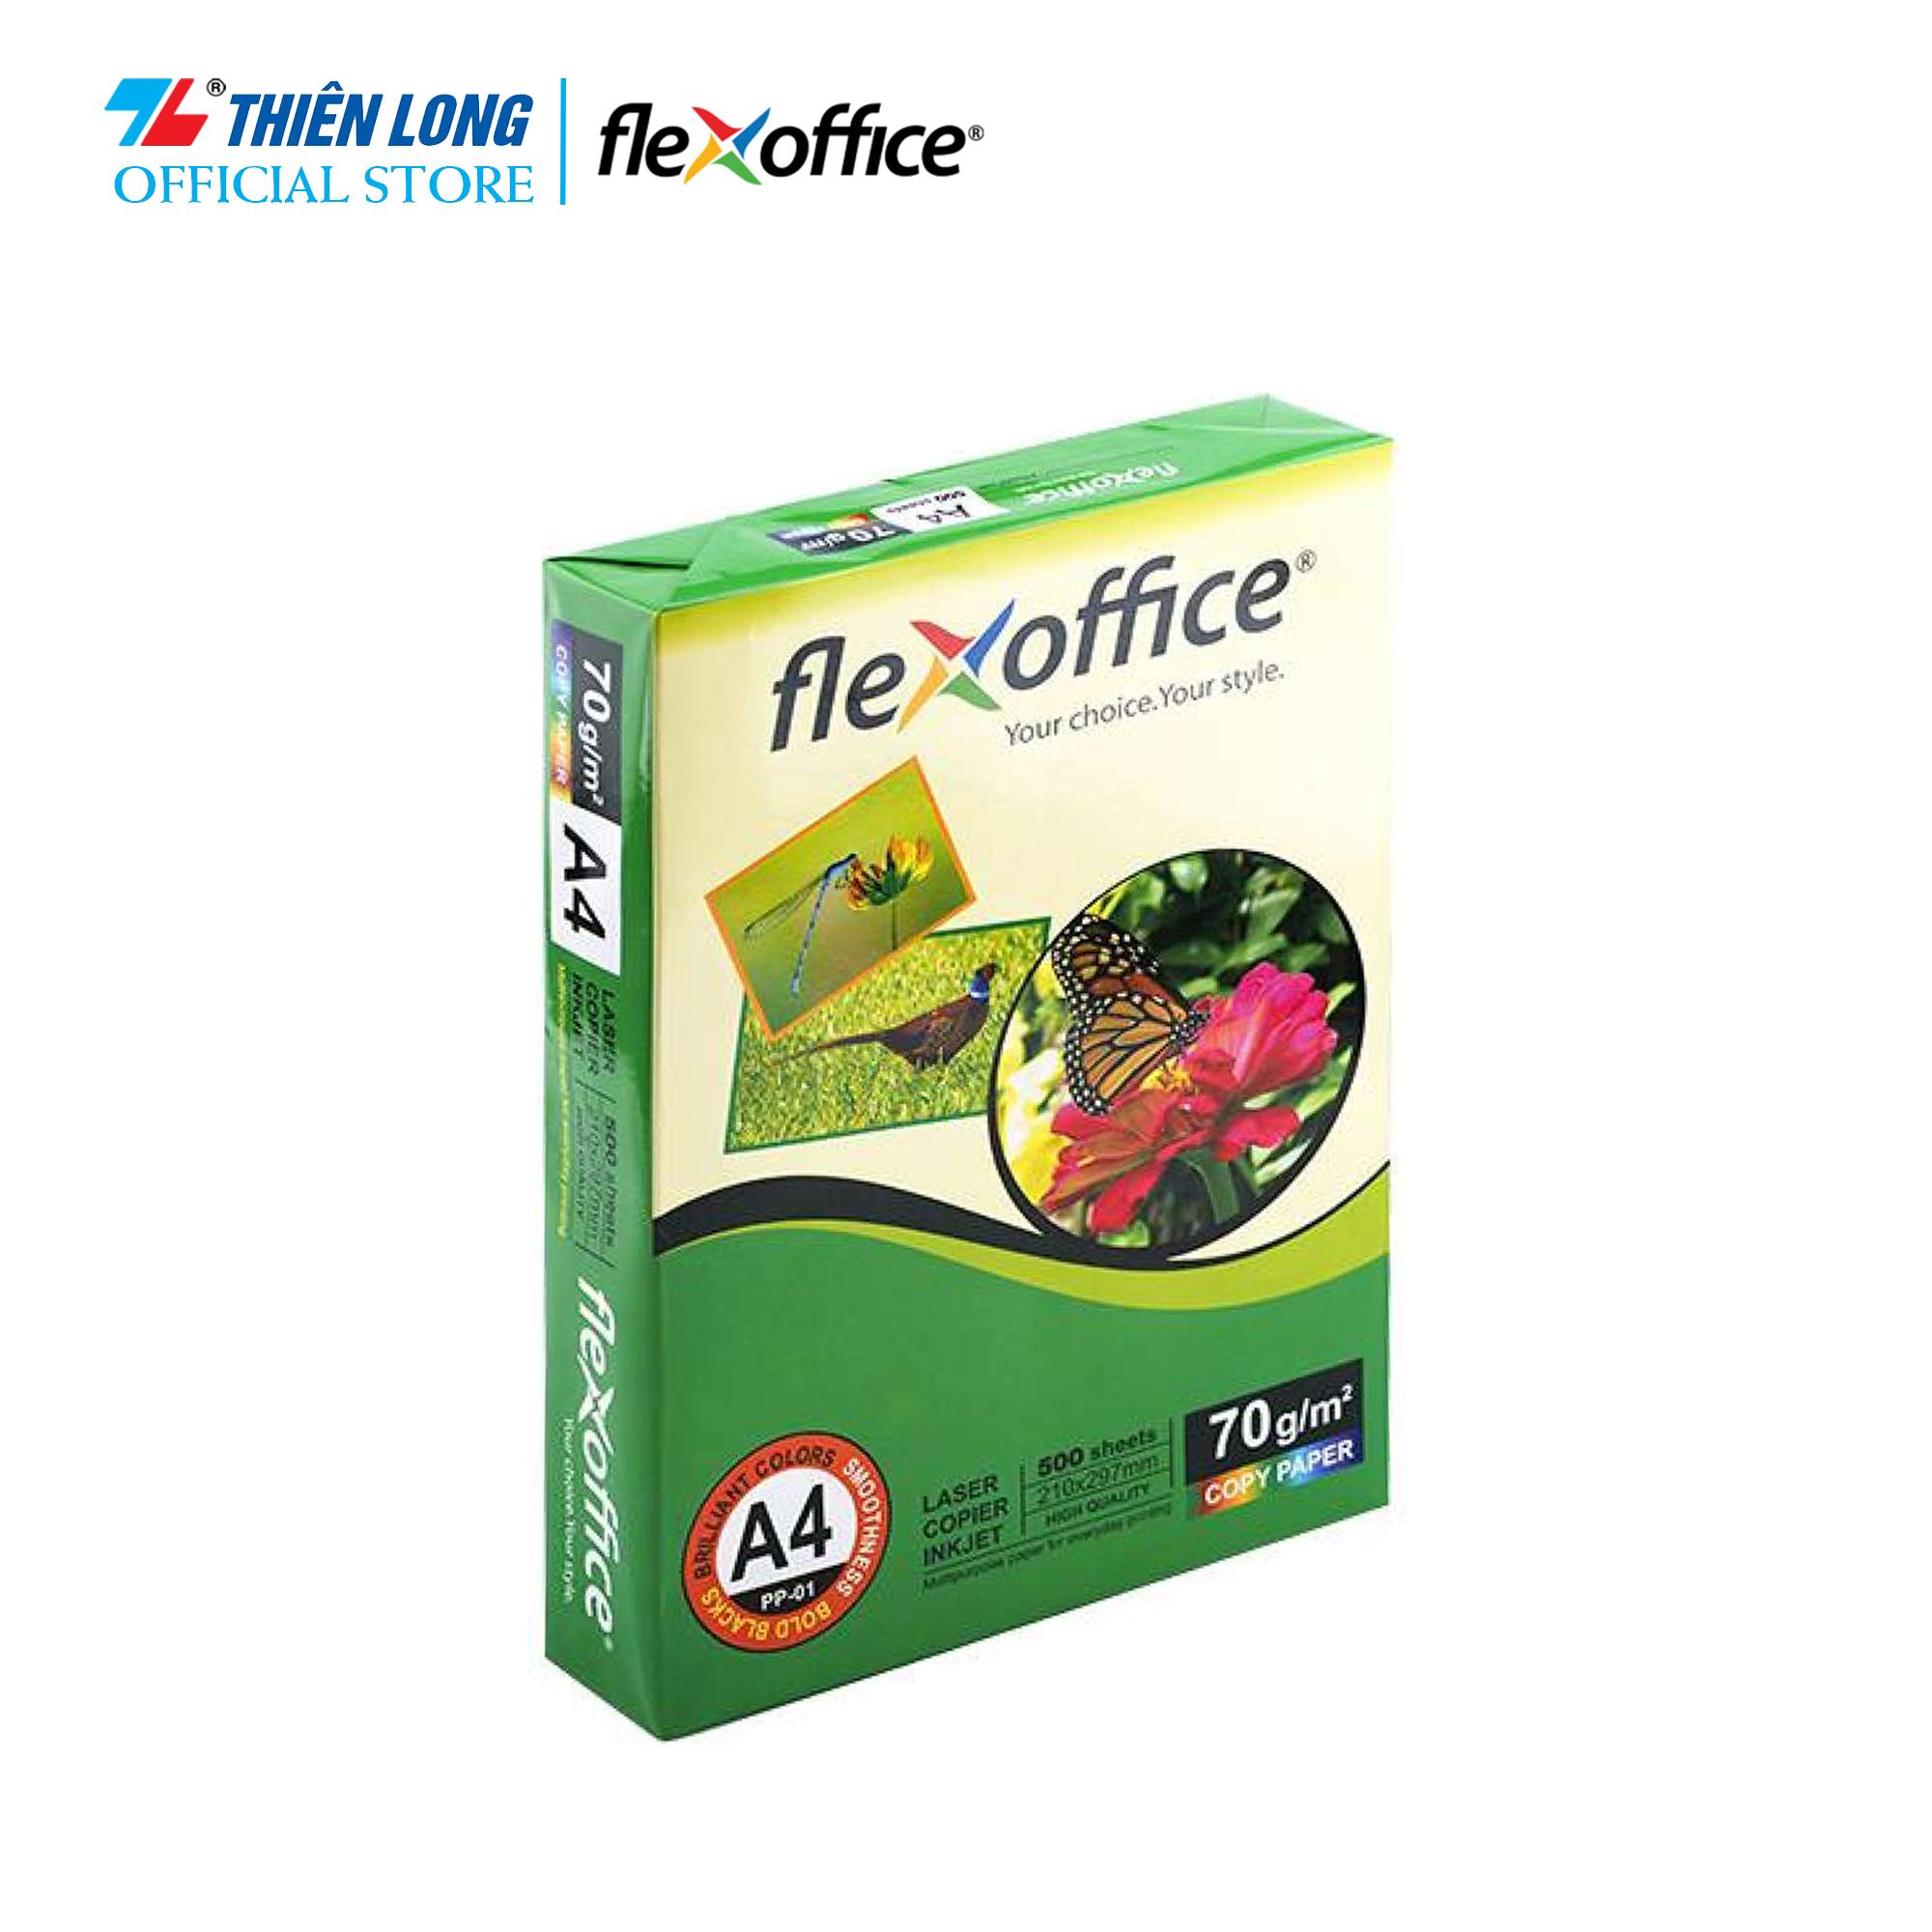 Giấy Flexoffice A4/70 PP-01 (500 tờ/ream), Chất Lượng Cao, Bề Mặt Nhẵn Tuyệt Vời, Mau Khô Mực, Thích Hợp Với Nhiều Loại Máy In, Photocopy